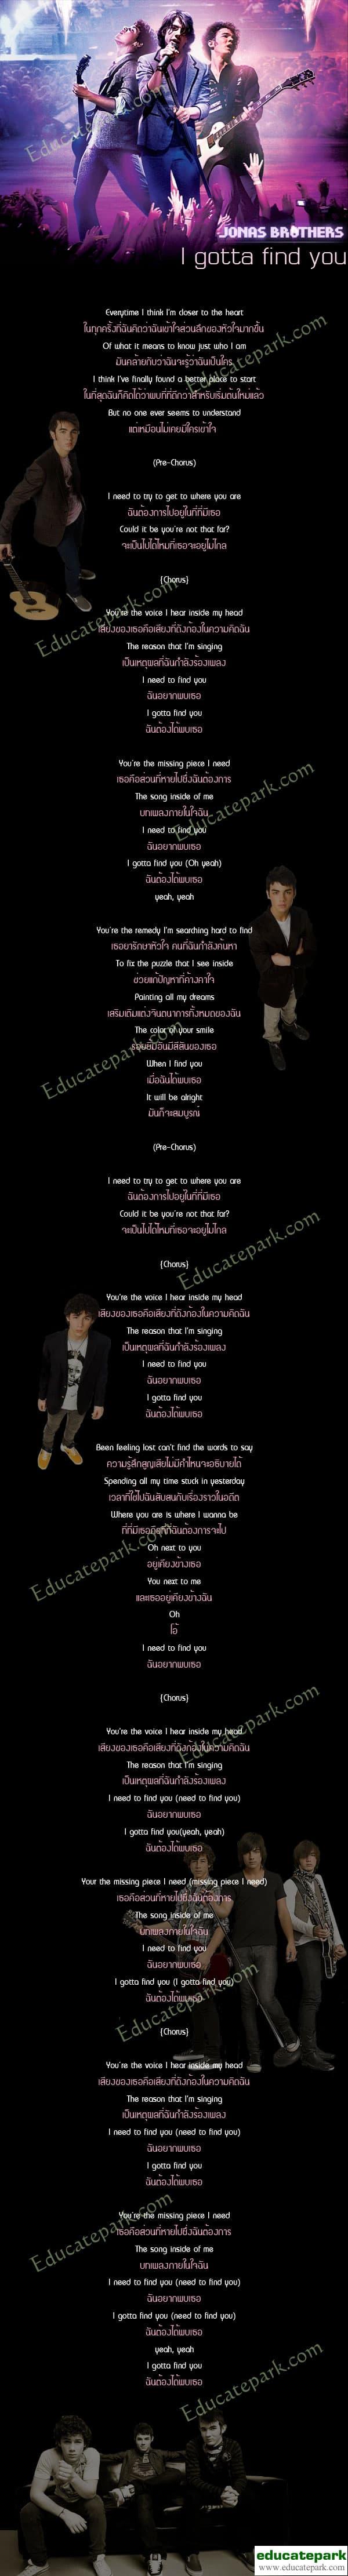 แปลเพลง I Gotta Find You - Jonas Brothers